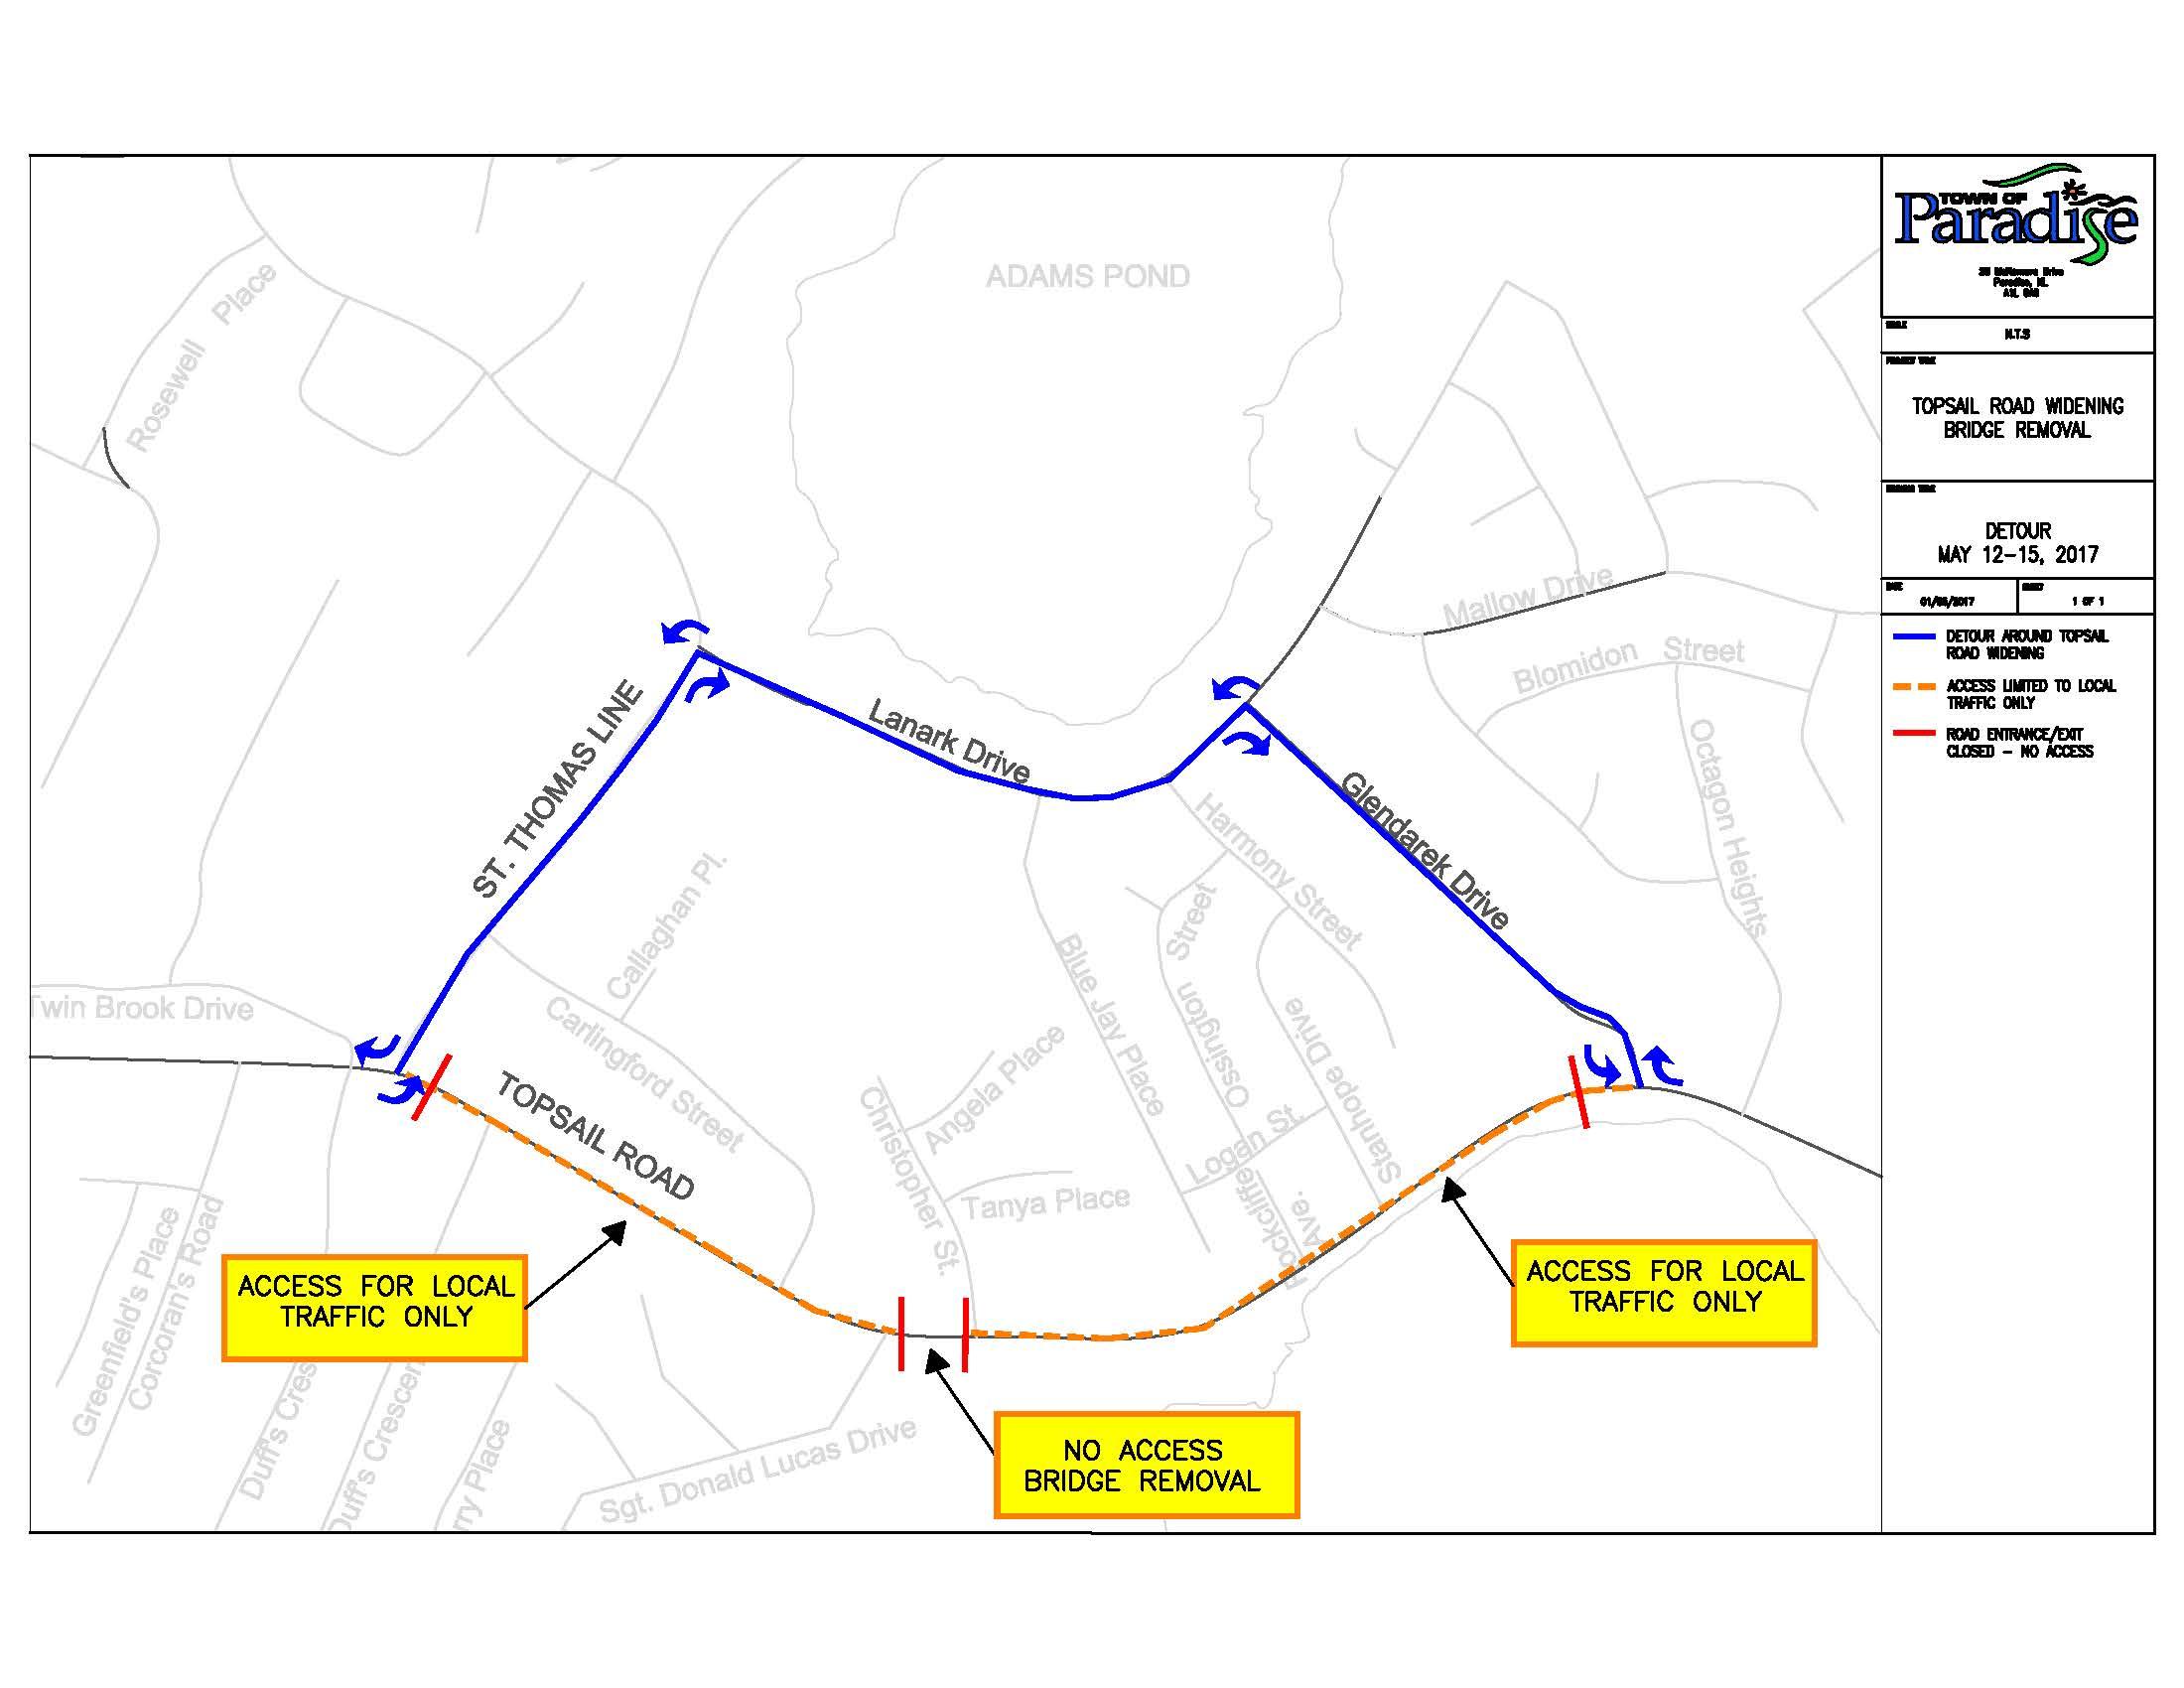 Road Closure Detour Route